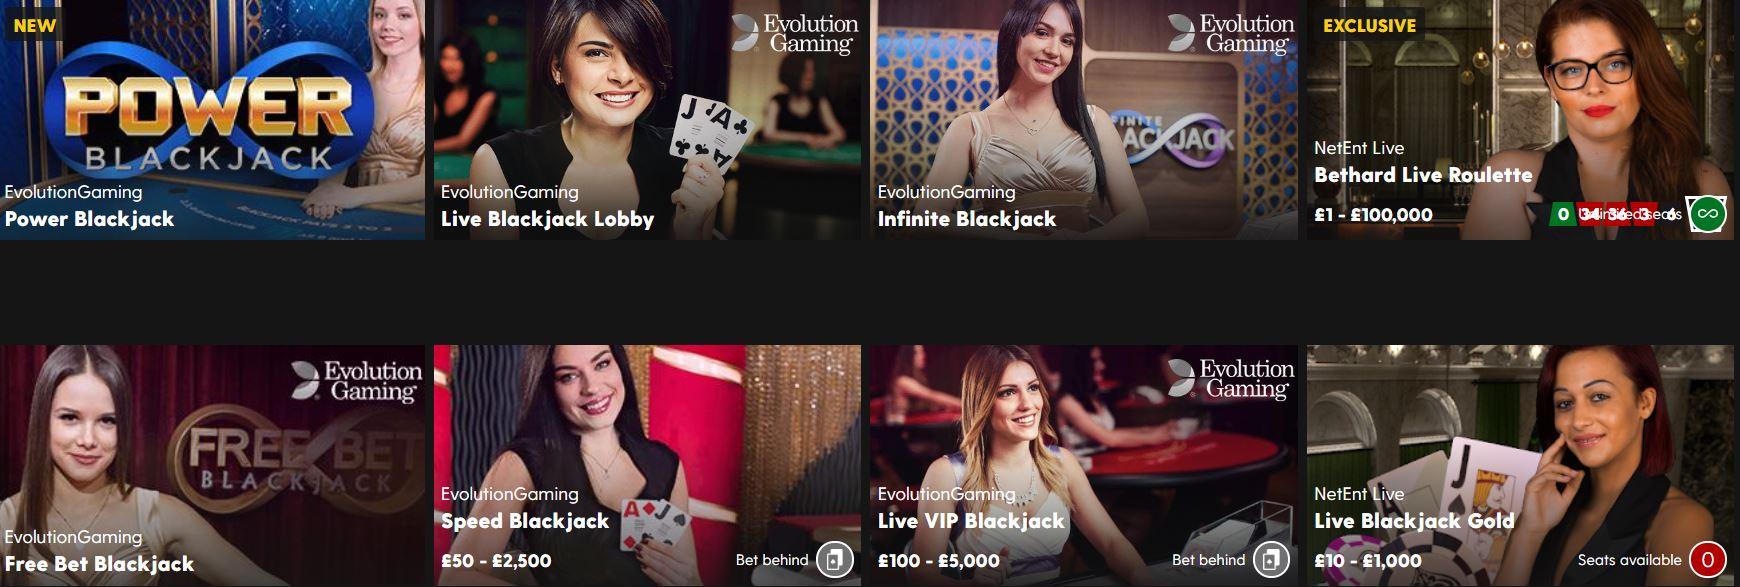 Los casinos online ofrecen varias salas de blackjack.